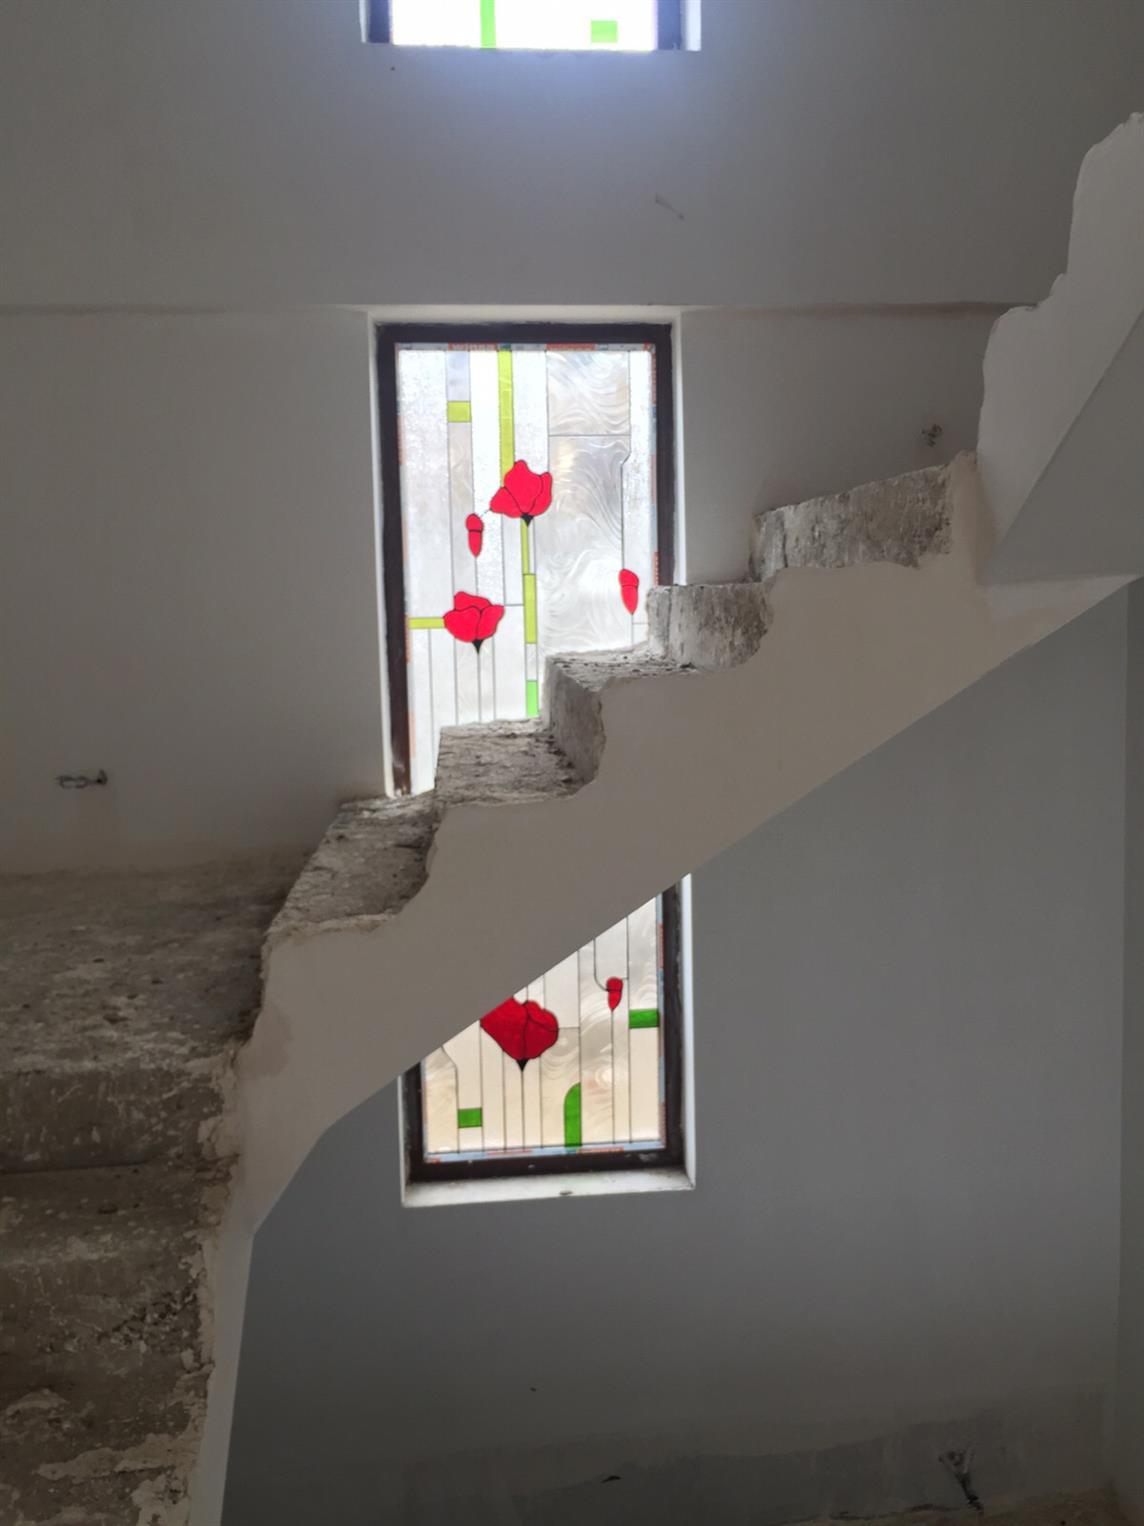 urla-evleri-vitray-calismasi201652144957409.jpg izmir vitray çalışması